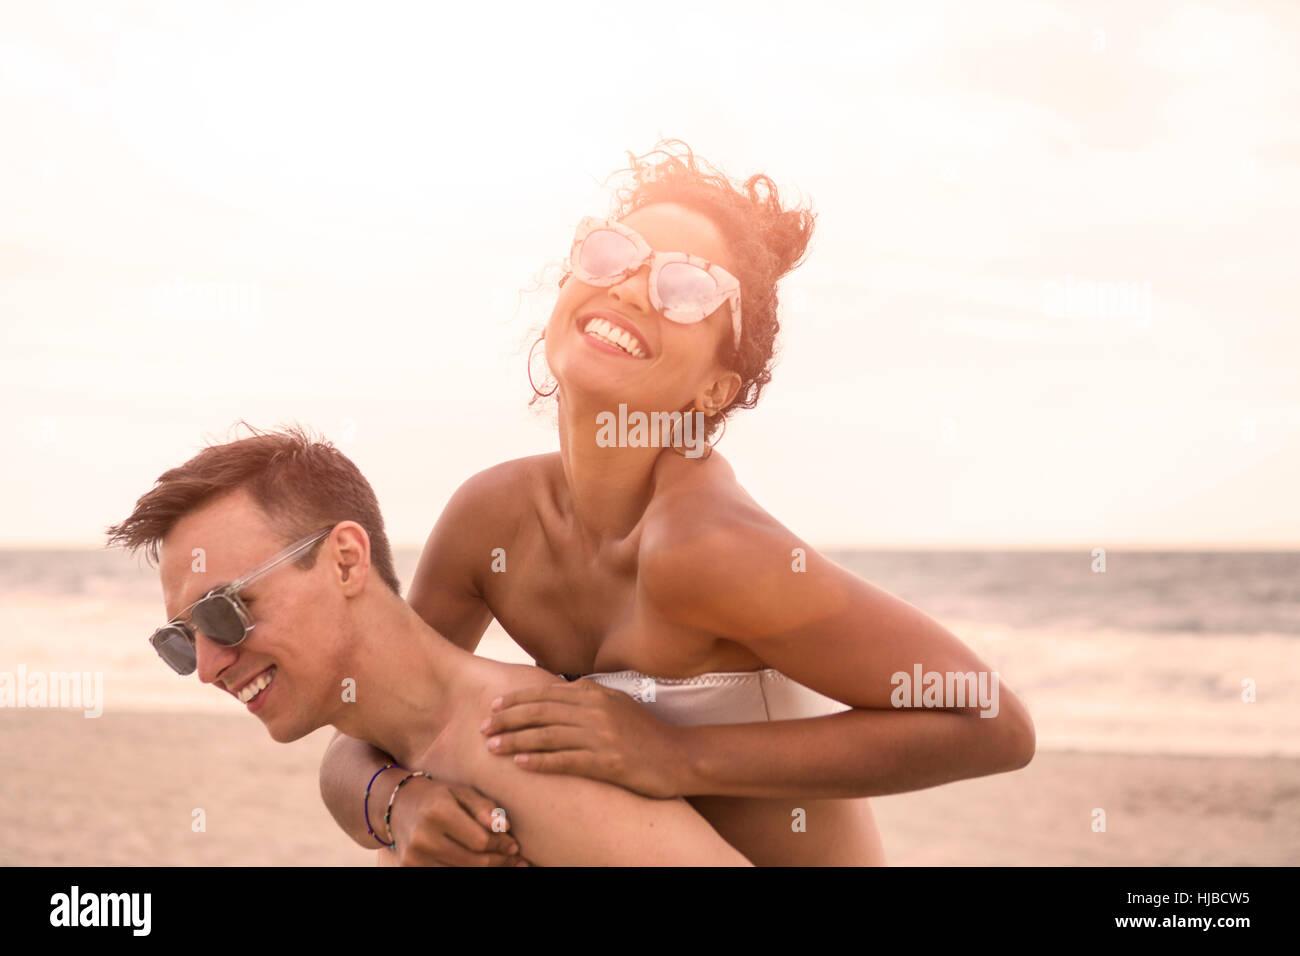 Junger Mann mit Huckepack Freundin auf Rockaway Beach, New York State, USA Stockbild